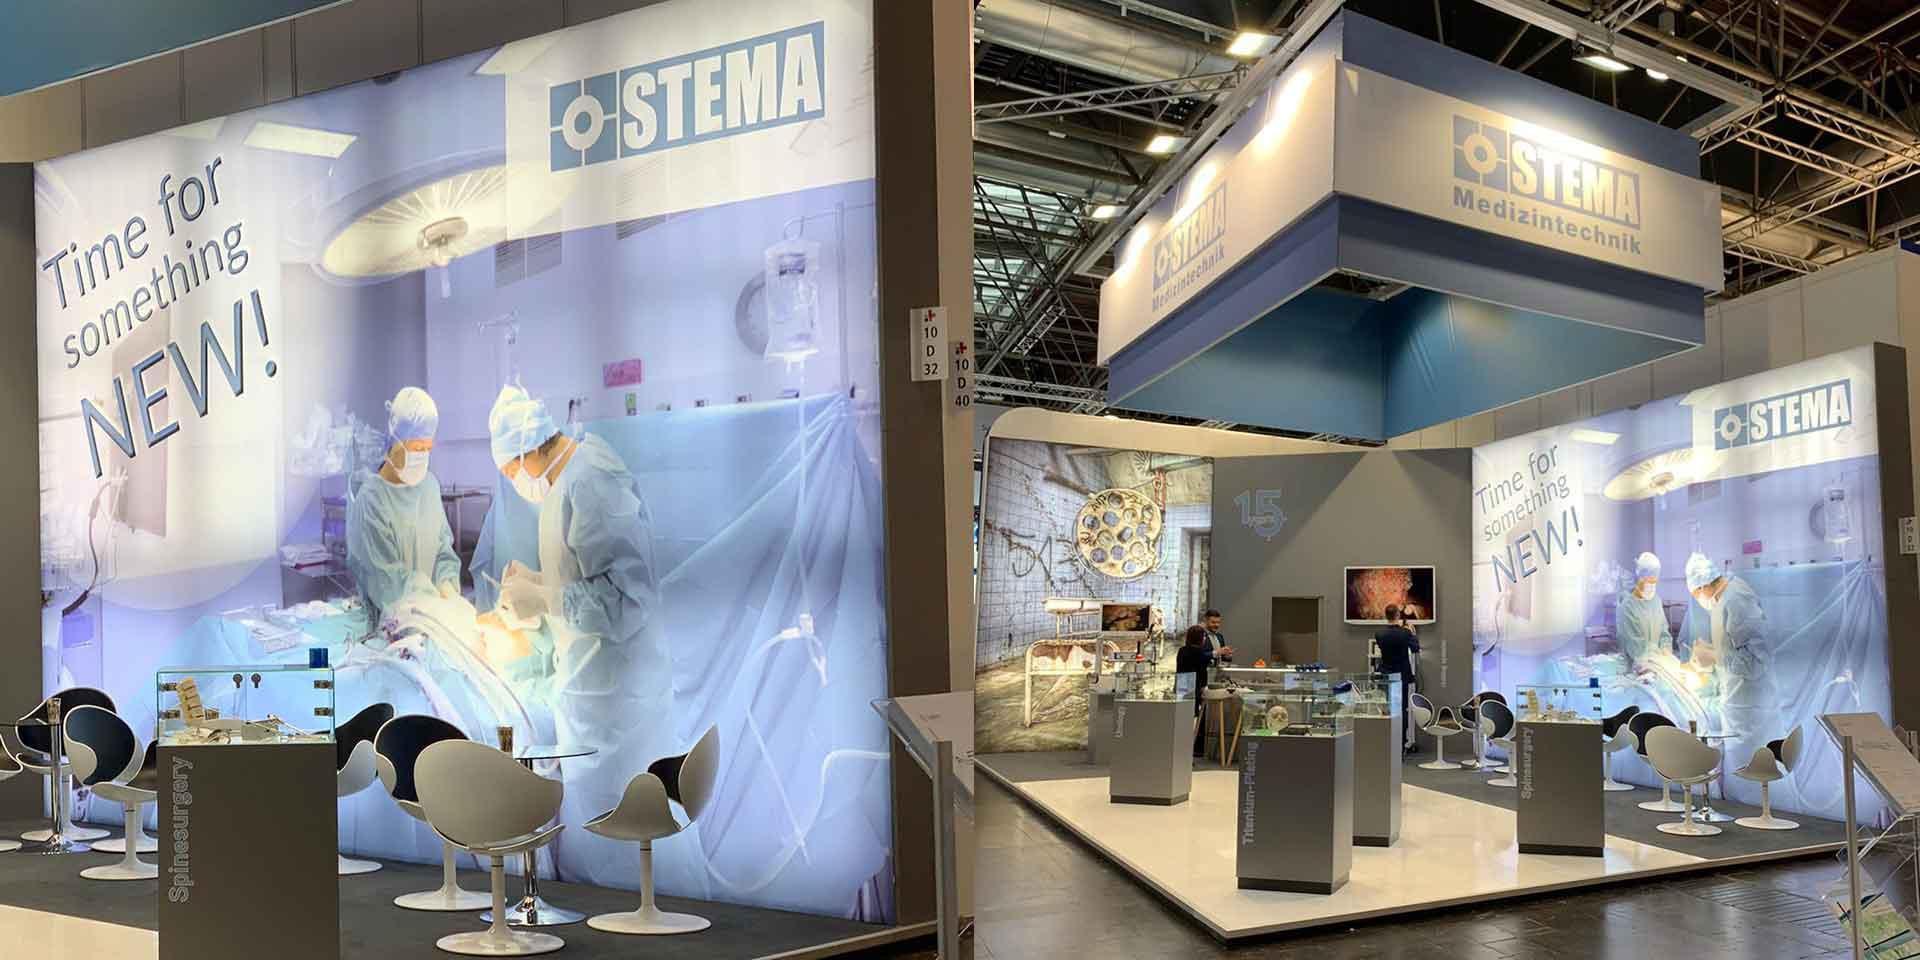 STEMA Medizintechnik